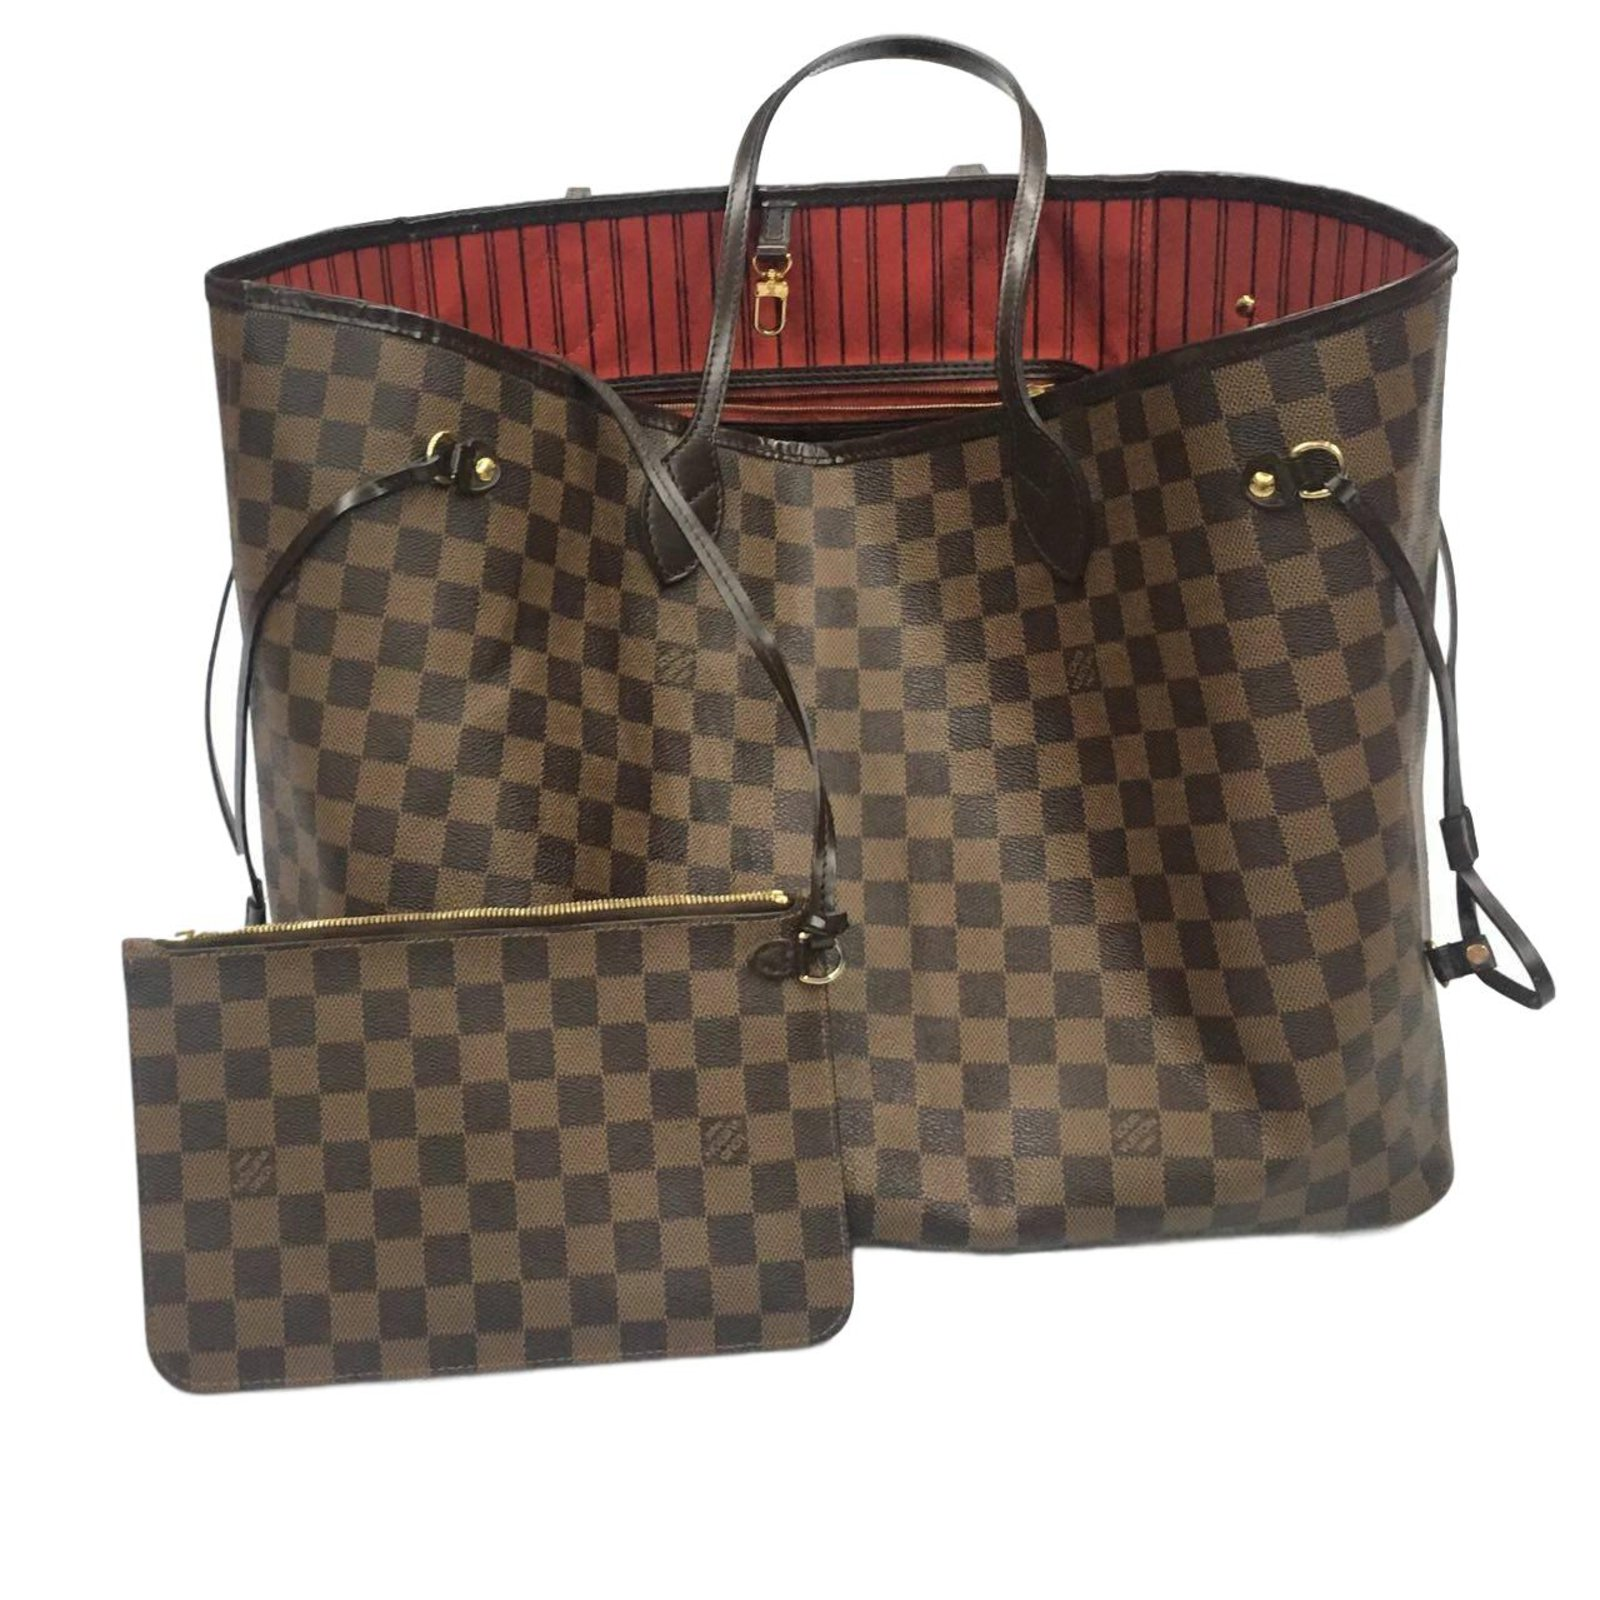 d070d814f1a7 Sacs à main Louis Vuitton neverfull gm Cuir Marron foncé ref.58441 .